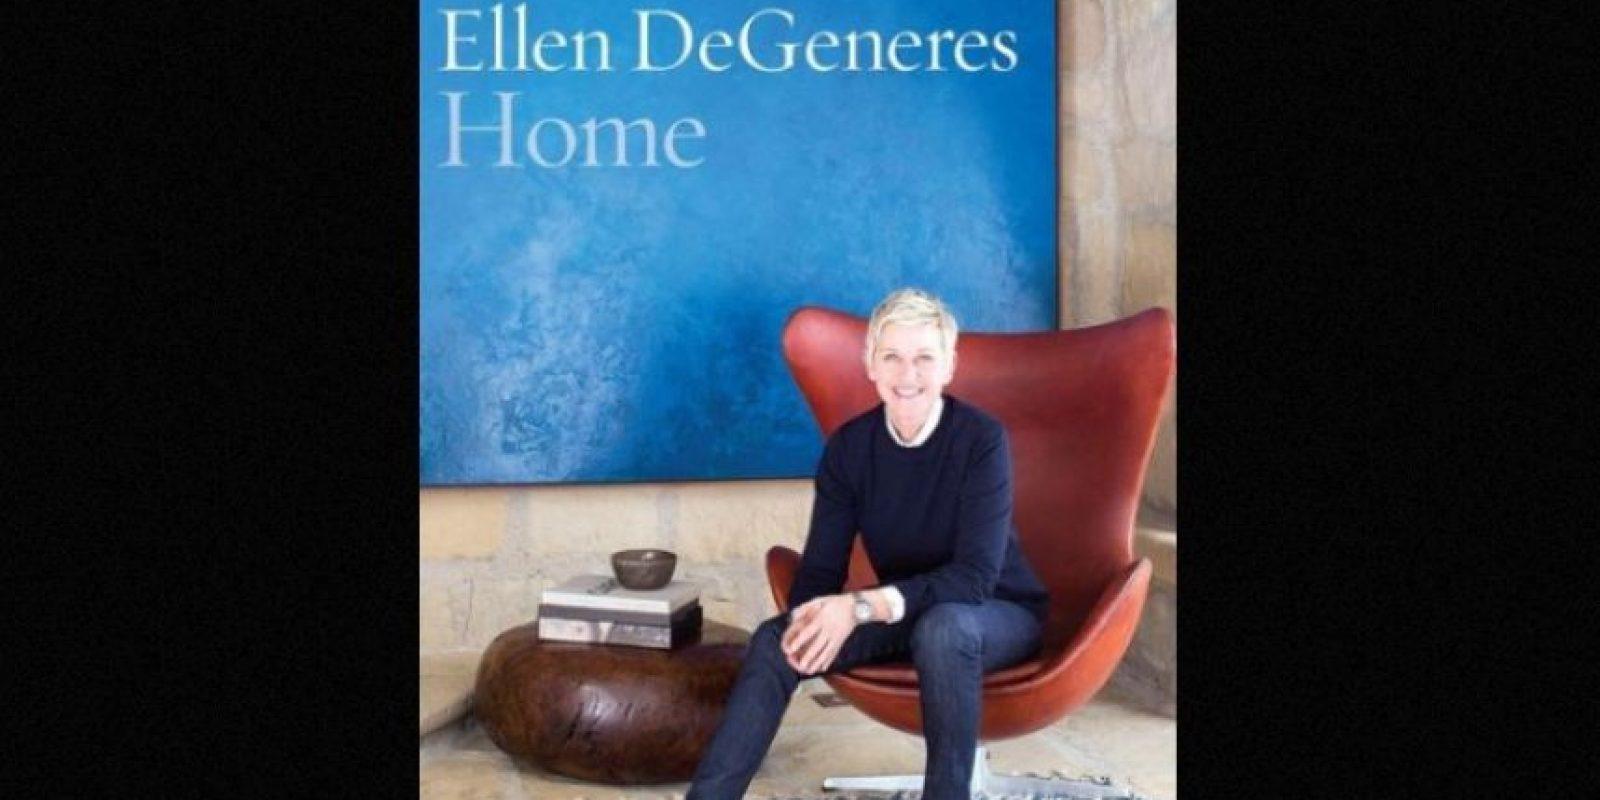 La presentadora Ellen DeGeneres, quien ha entrevistado en varias ocasiones a Sofía Vergara. Foto:Instagram/theellenshow